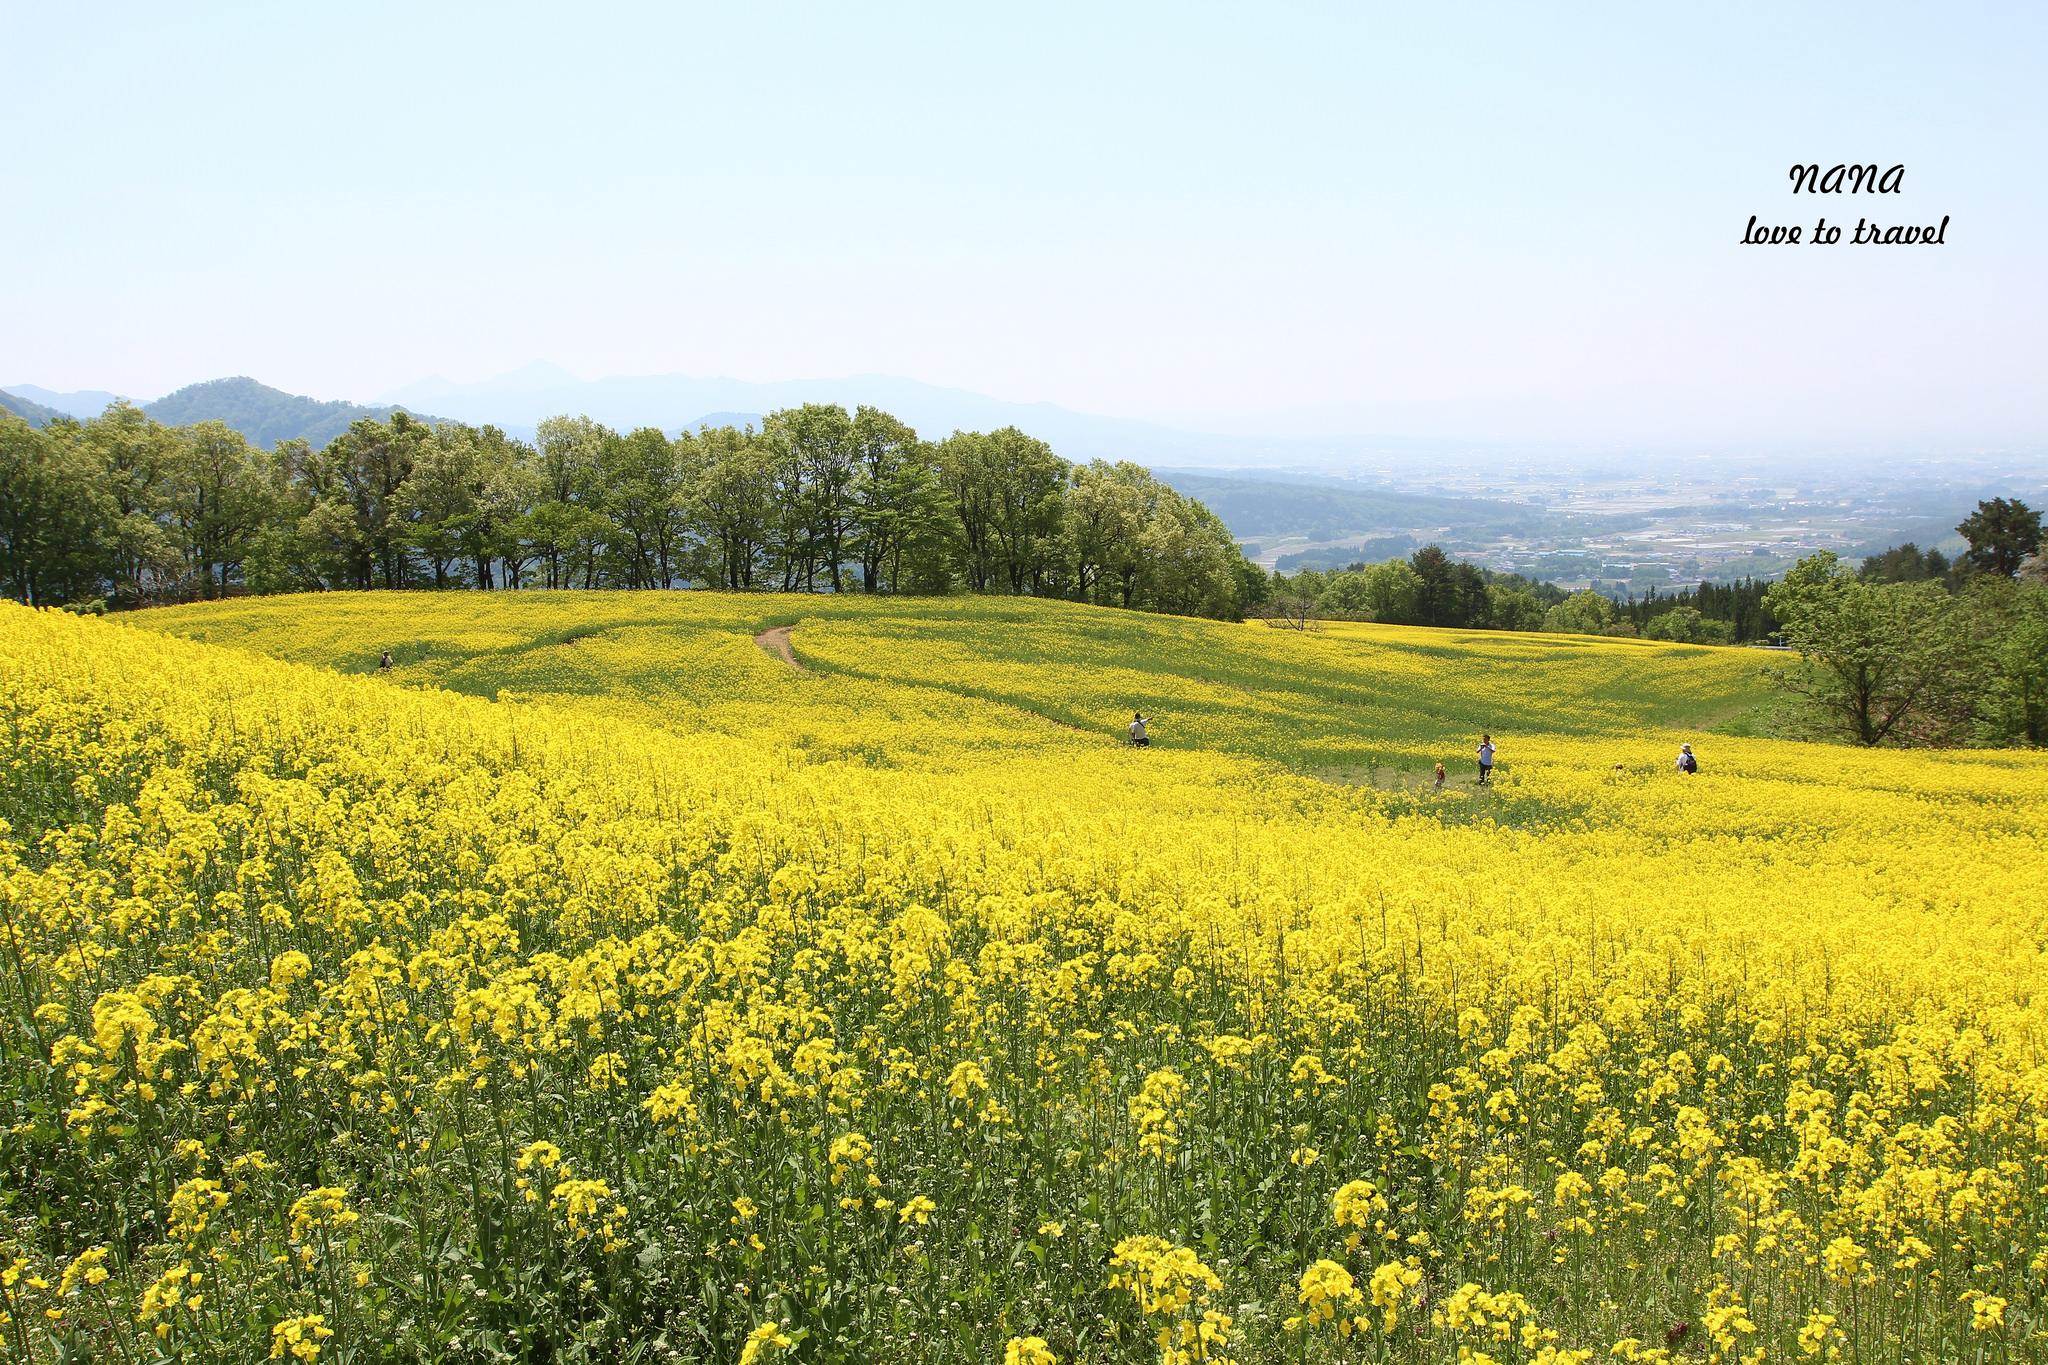 日本東北自由行》福島喜多方市 三ノ倉高原花畑。限定美景350萬株油菜花花海。